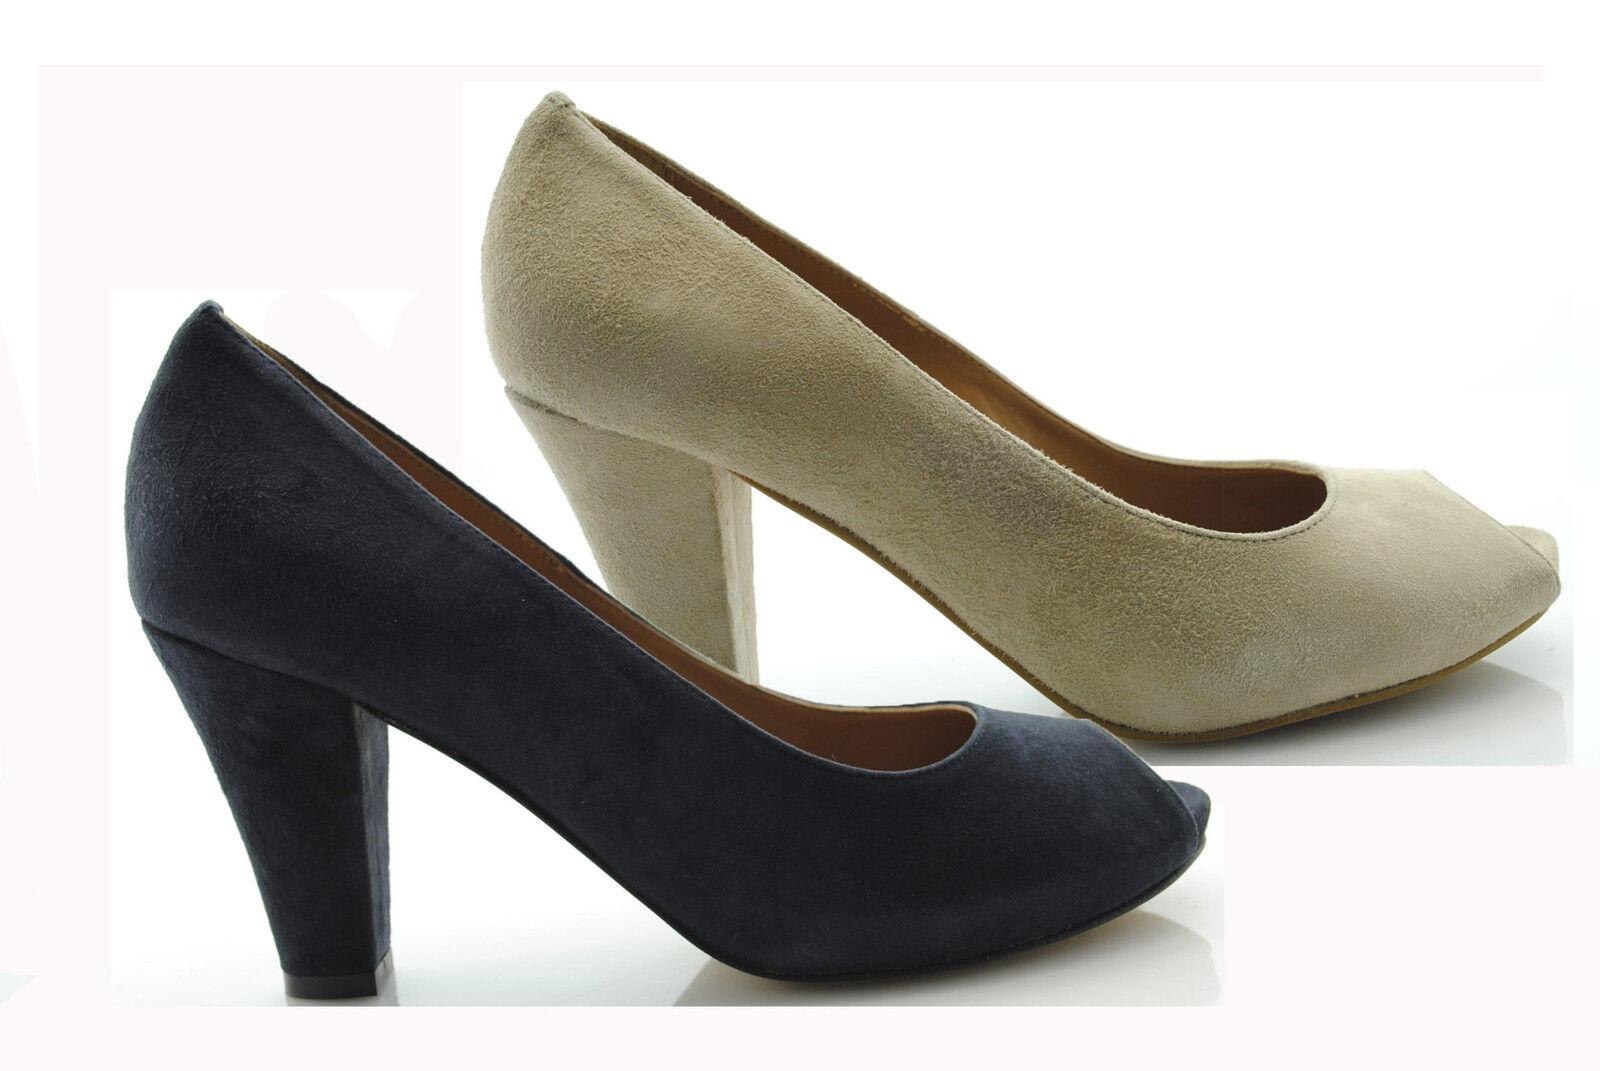 centro commerciale di moda P13 Luzzi scarpe scarpe scarpe scarpe donna scarpe alte spuntate 7897SP  vendita online